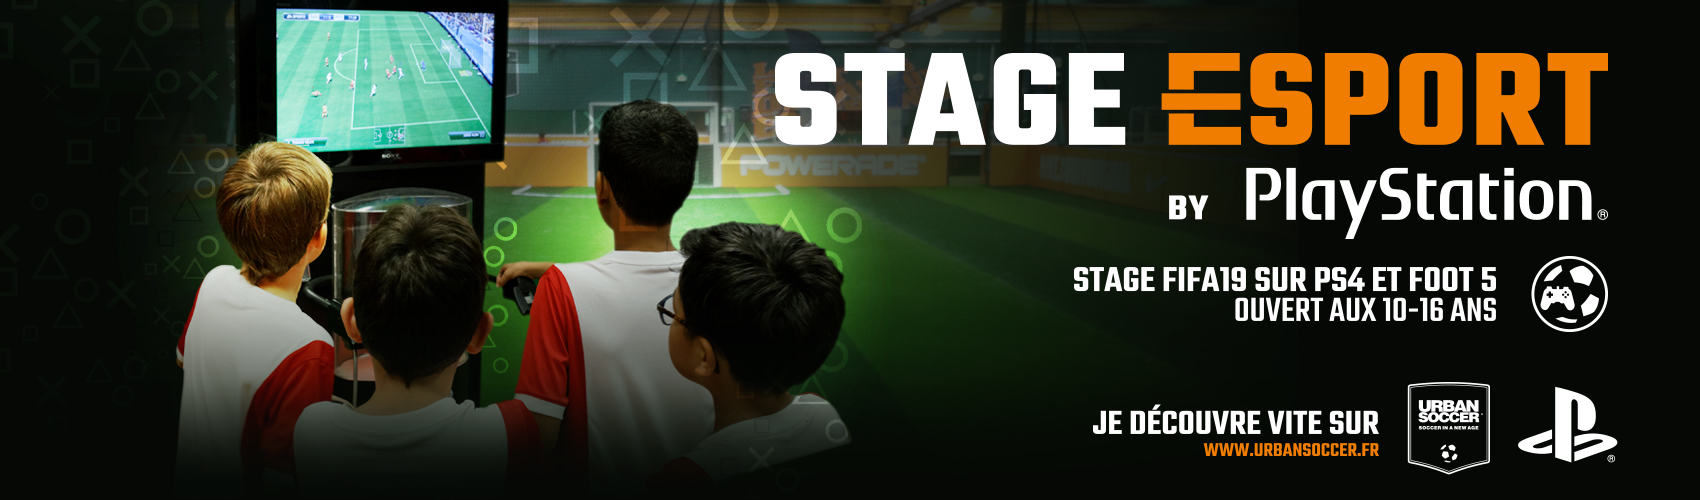 Slider-home-Stage-ESport-US